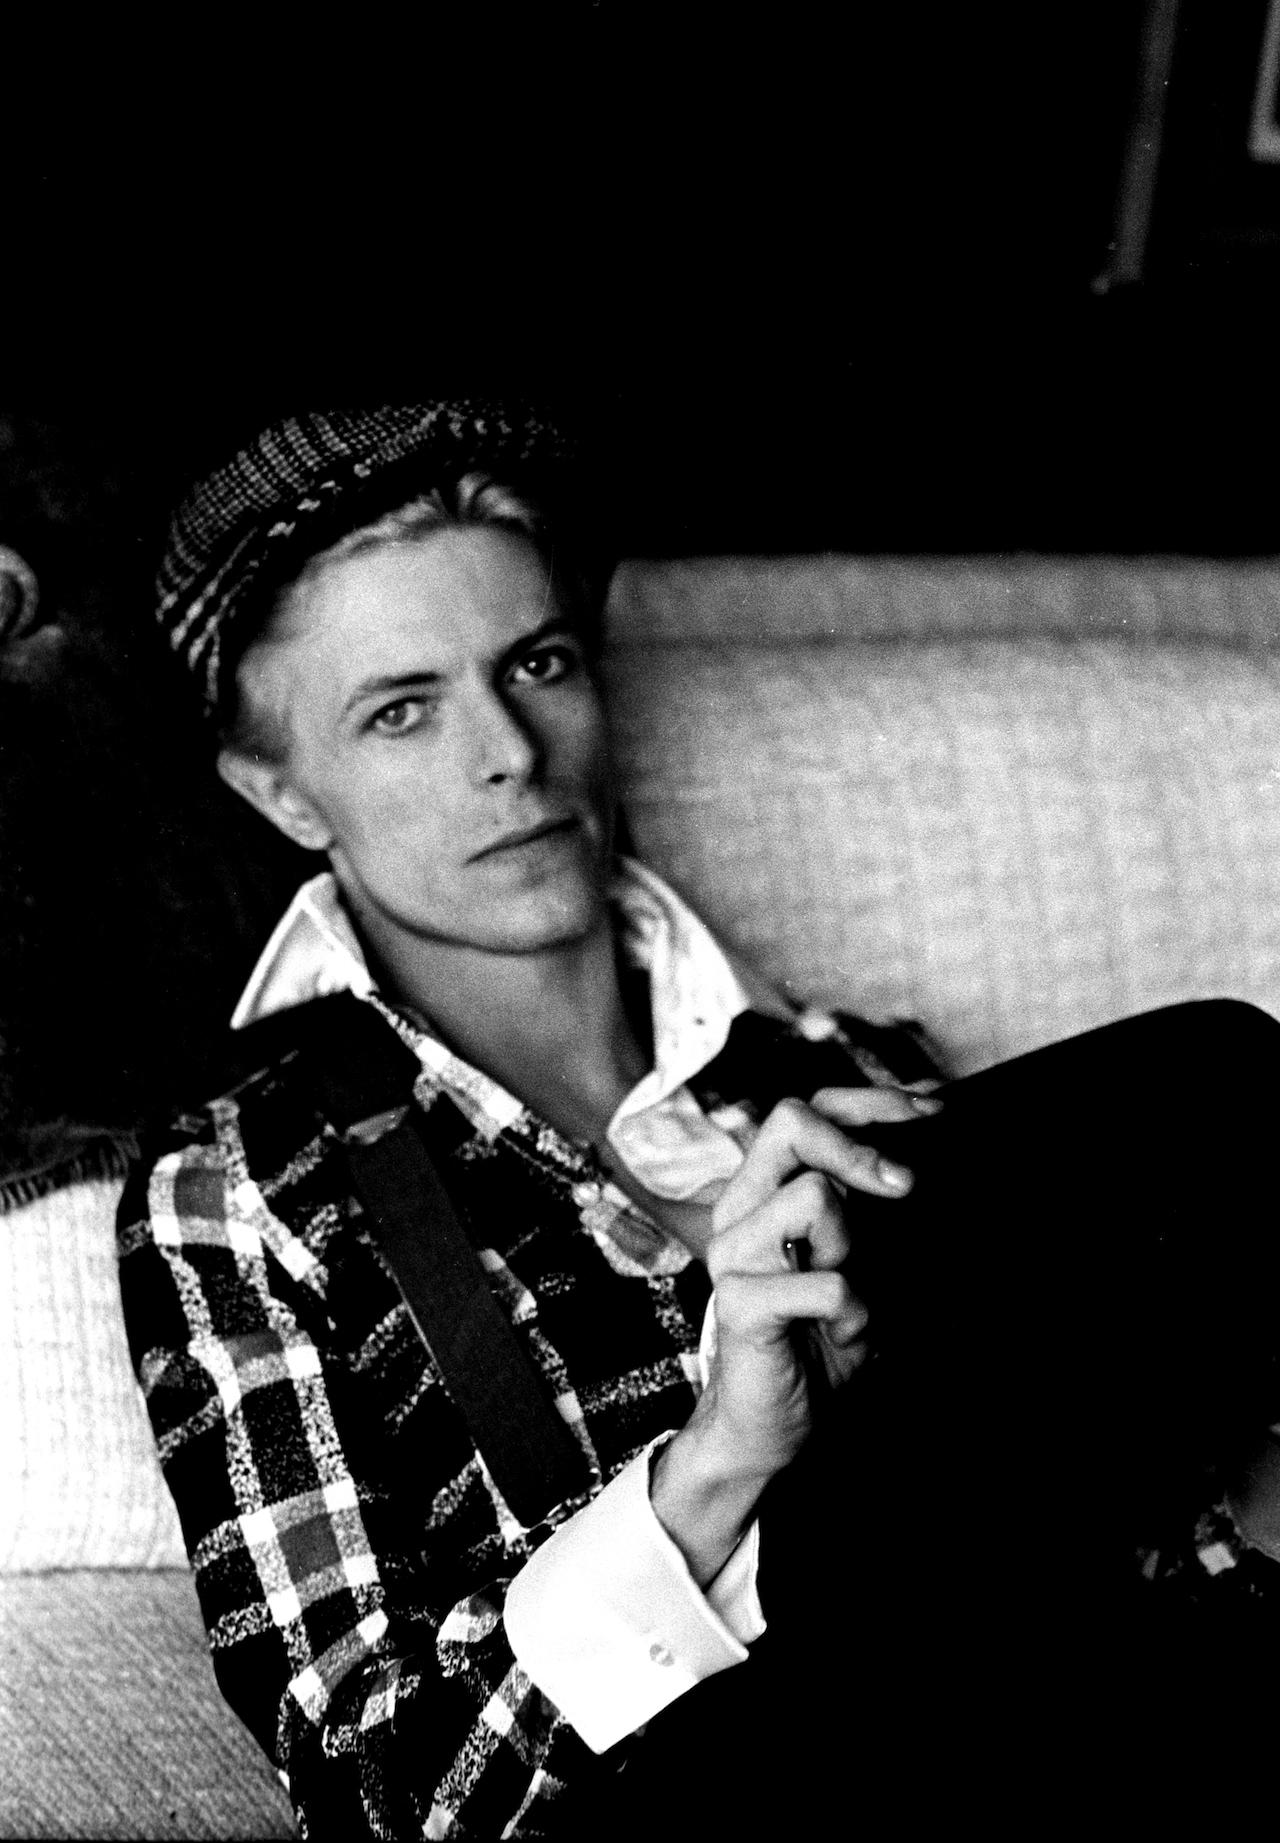 55 Bowie good portrait LA home